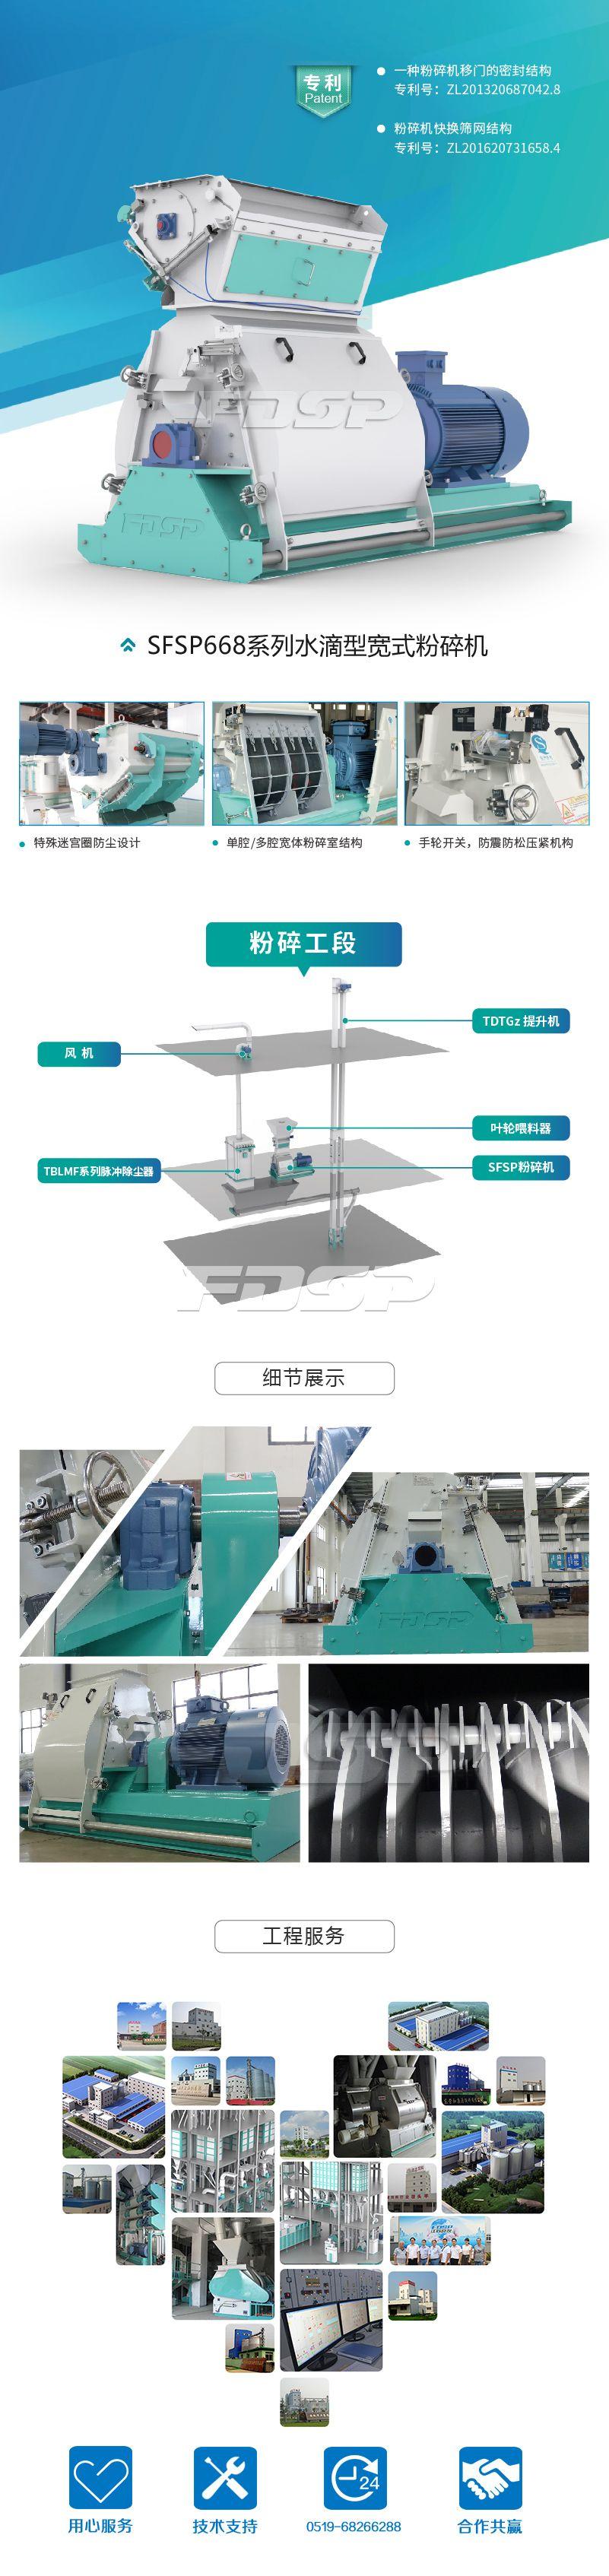 饲料机械SFSP668系列水滴型宽式粉碎机